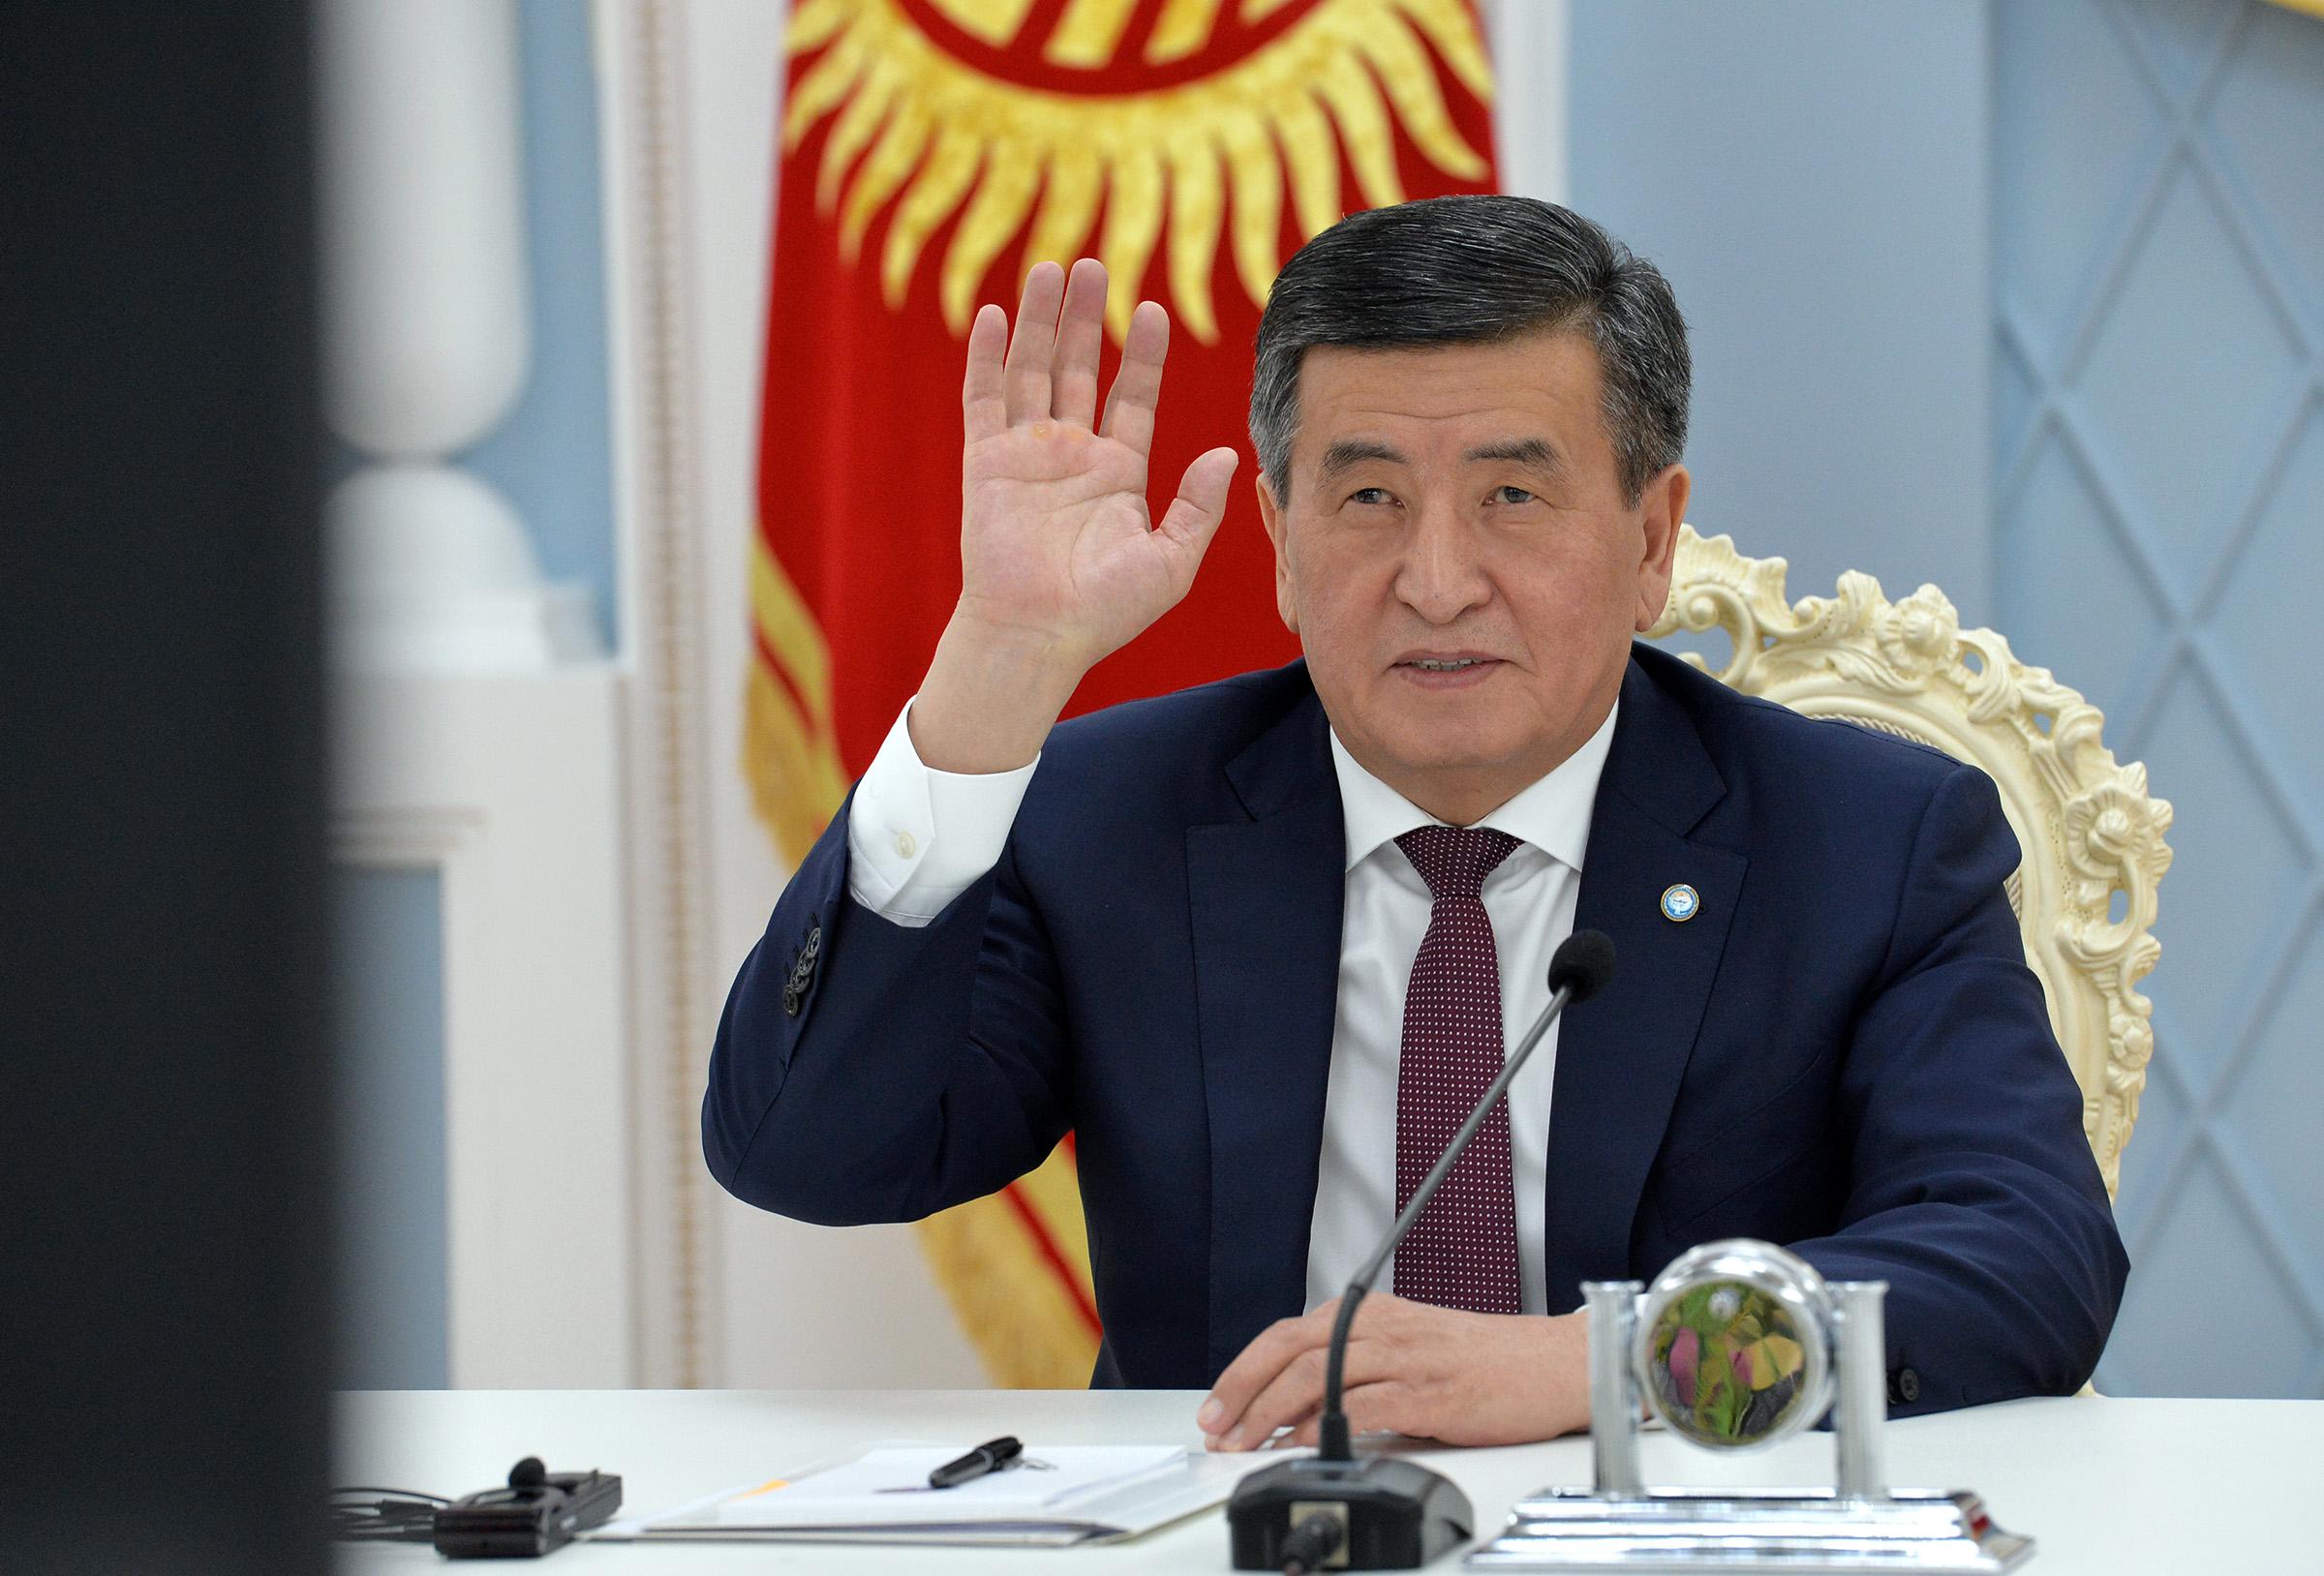 Президент Евразиялык экономикалык кеңешинин видеоконференция жыйынына катышты